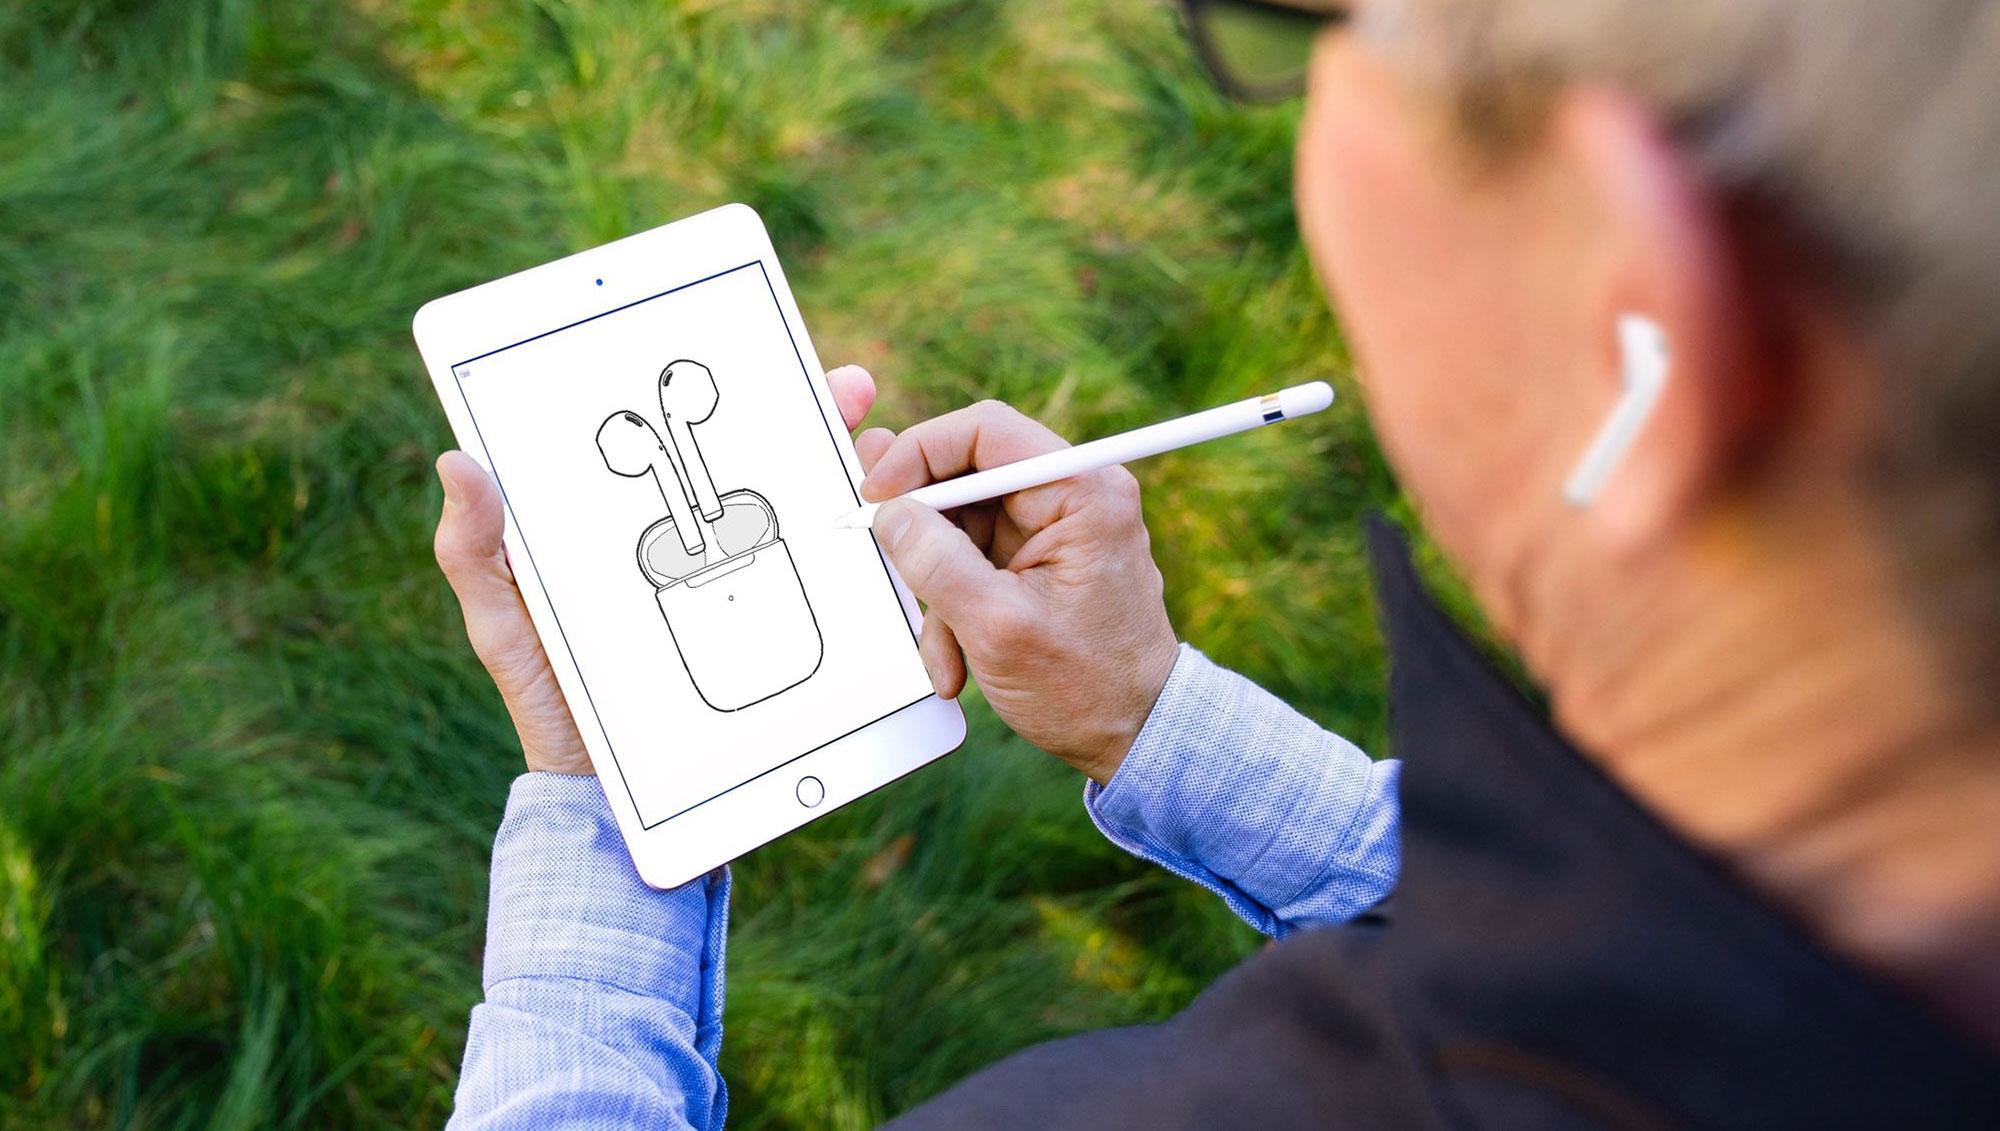 库克发照宣传苹果新AirPods 引发网友PS恶搞